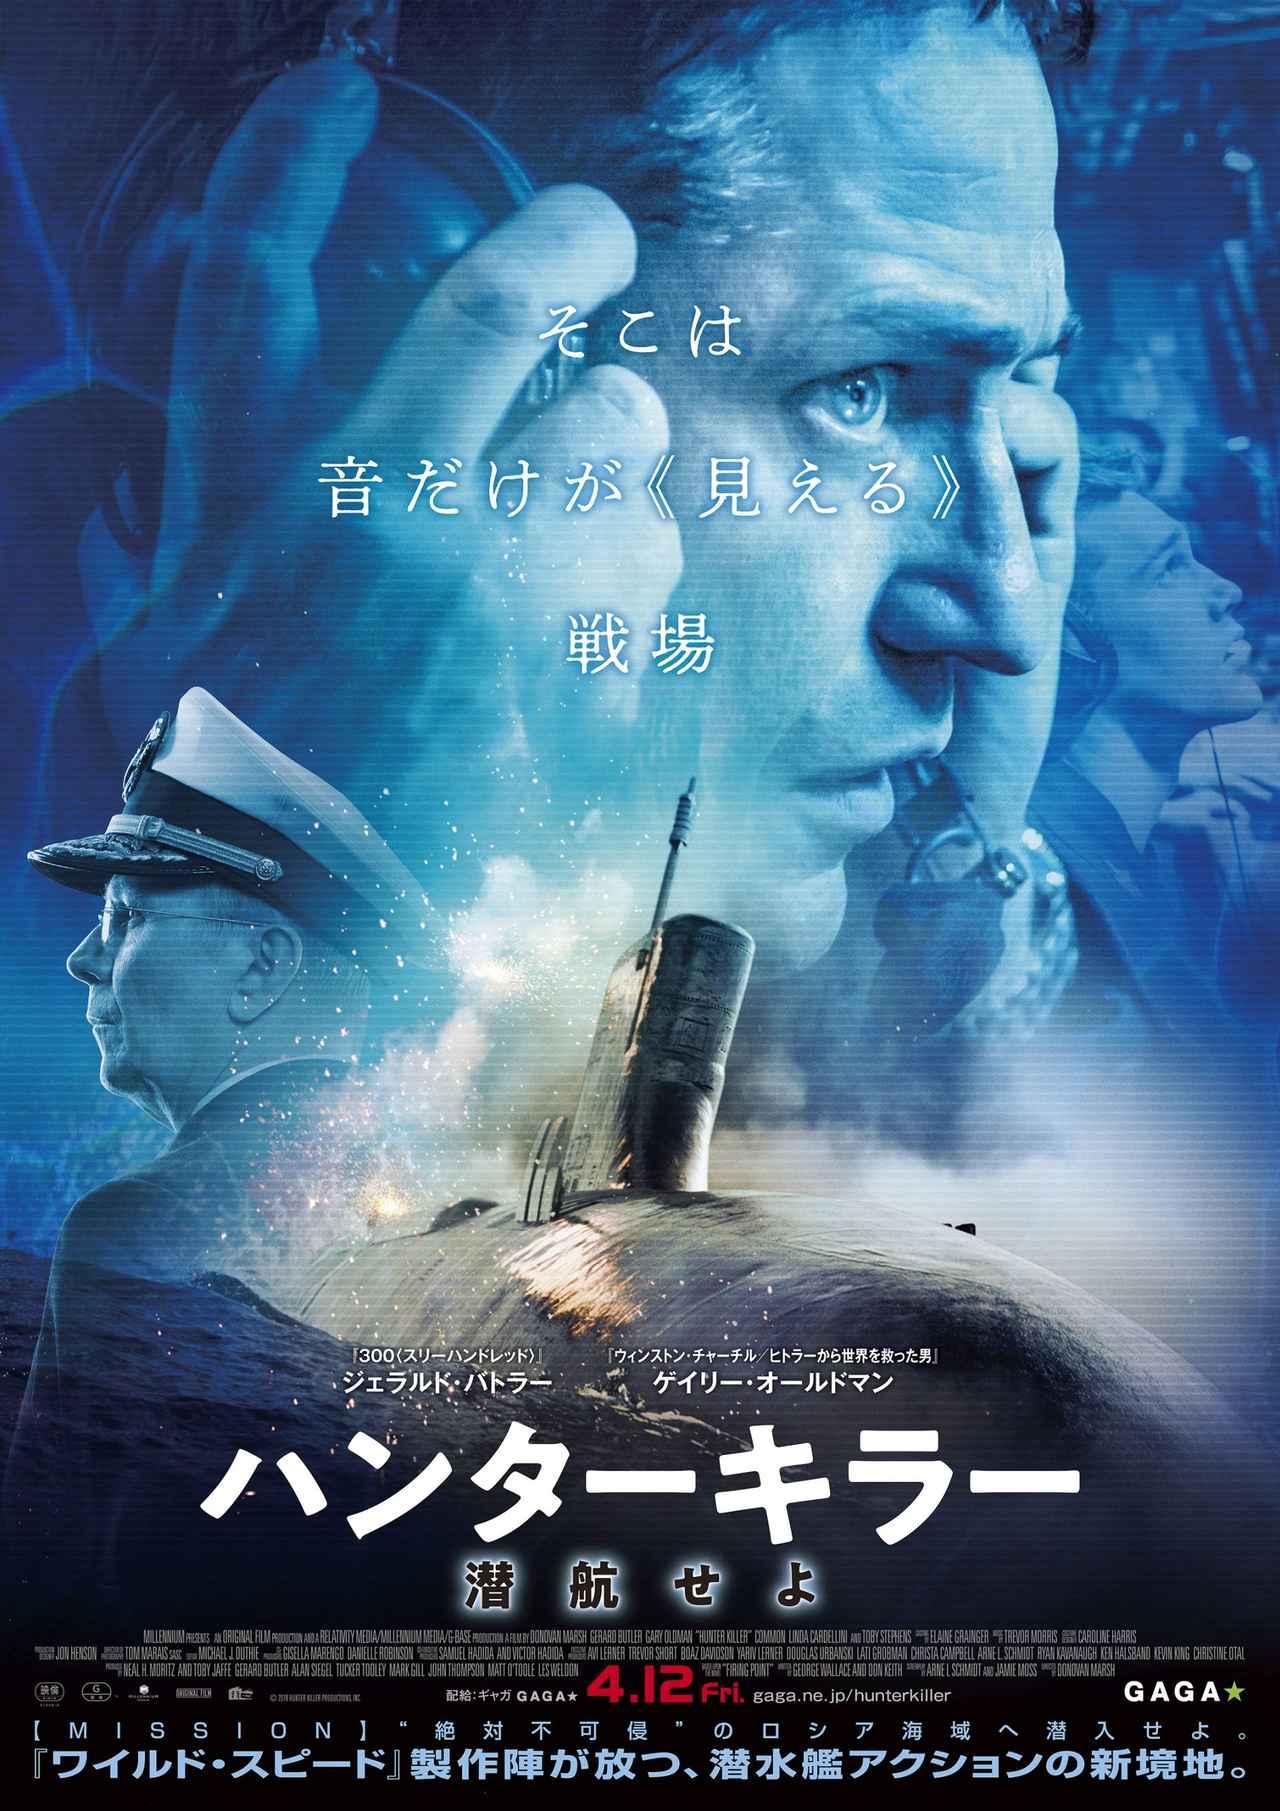 """画像: 名作だらけの""""潜水艦映画""""の歴史に新たな一本が加わる! 米海軍全面協力『ハンターキラー 潜航せよ』公開決定"""